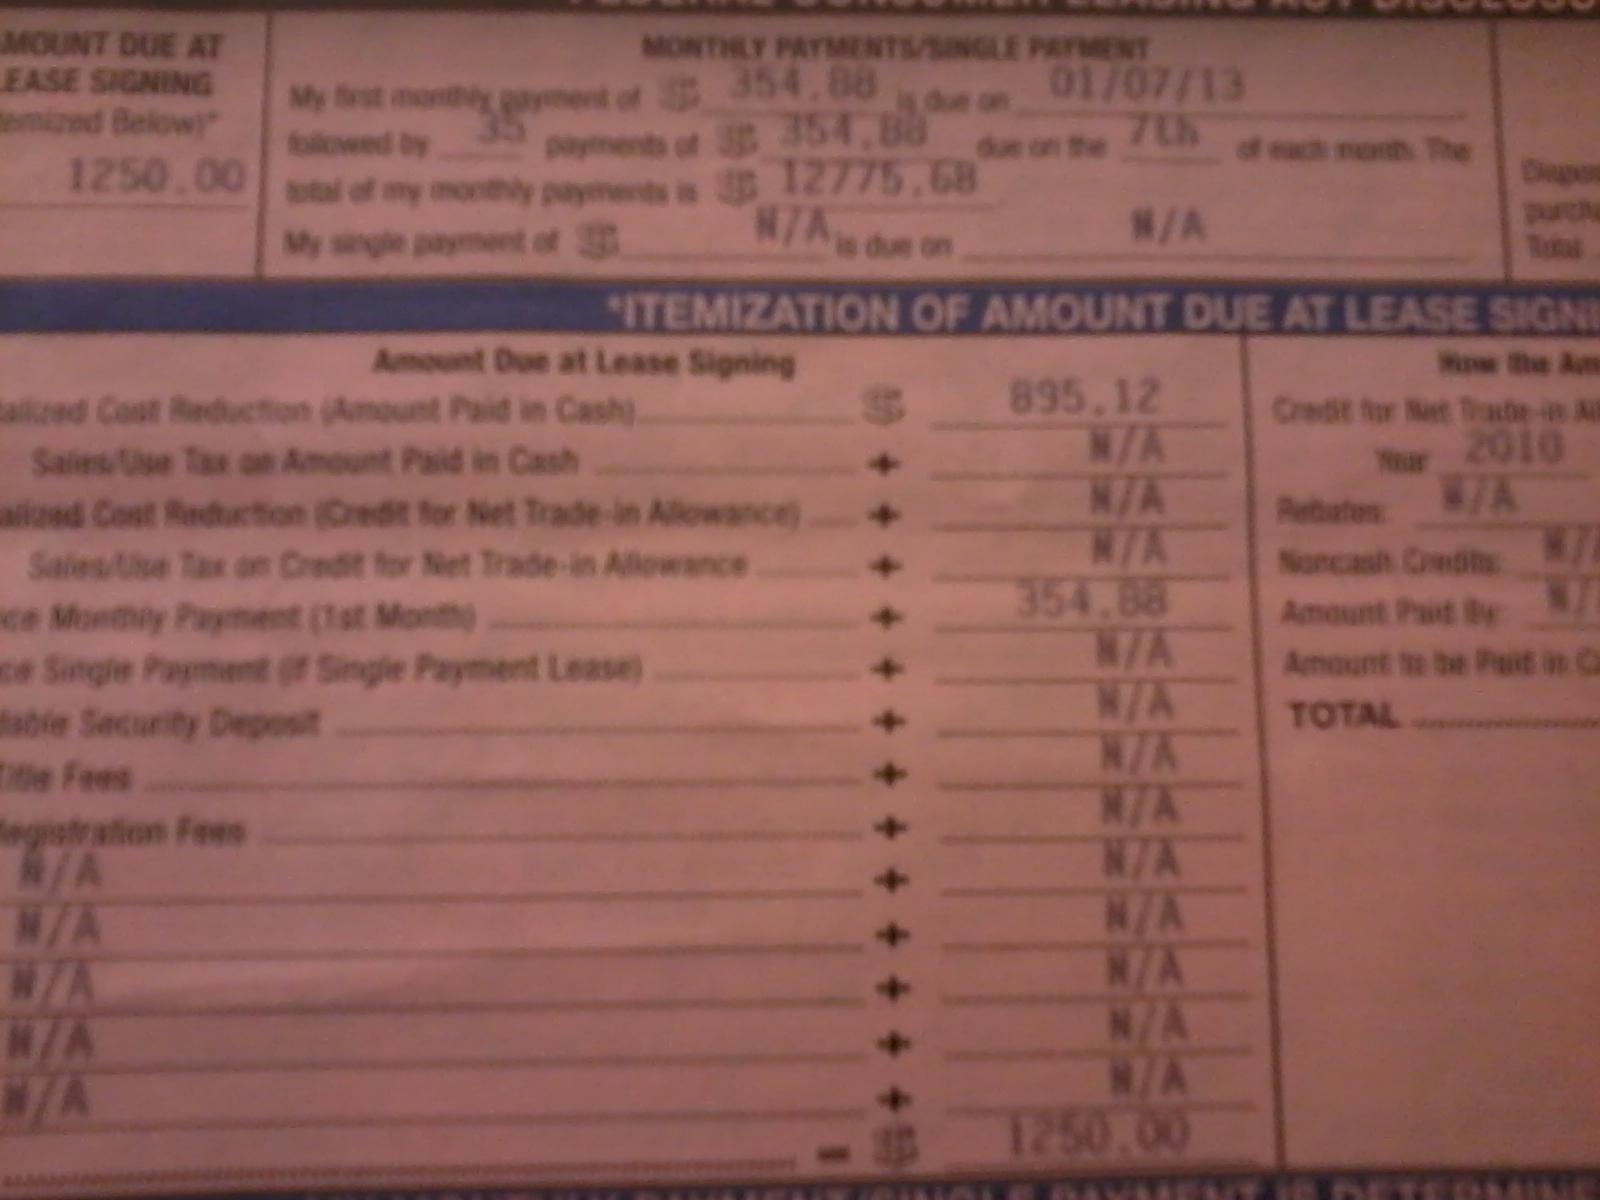 Honda Odyssey Invoice